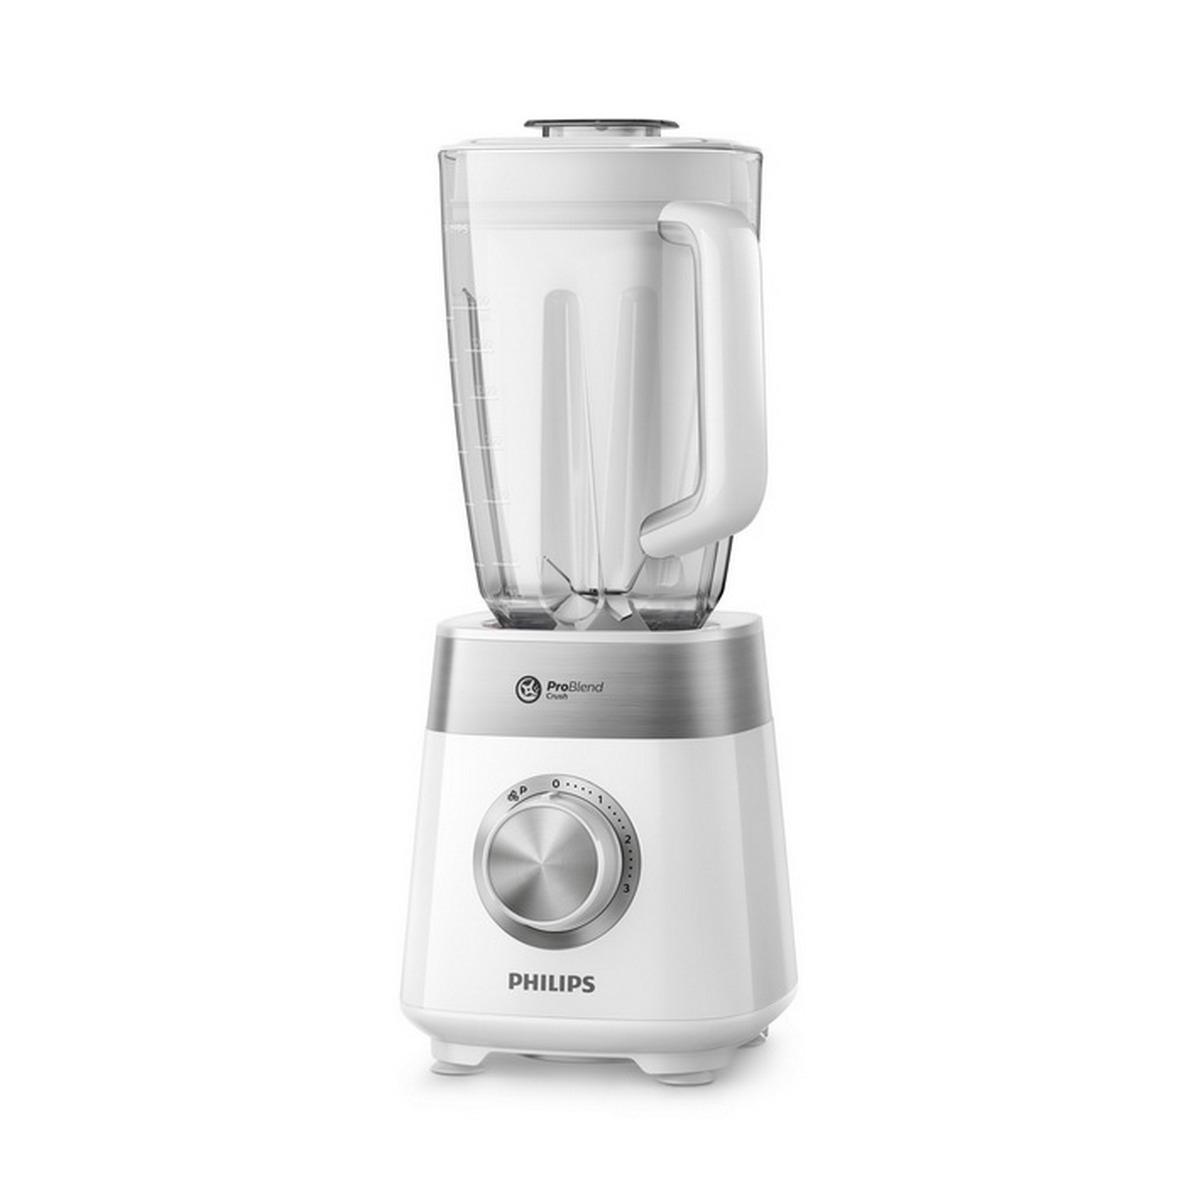 PHILIPS Blender (800 W, 2 L, White) HR2225/00